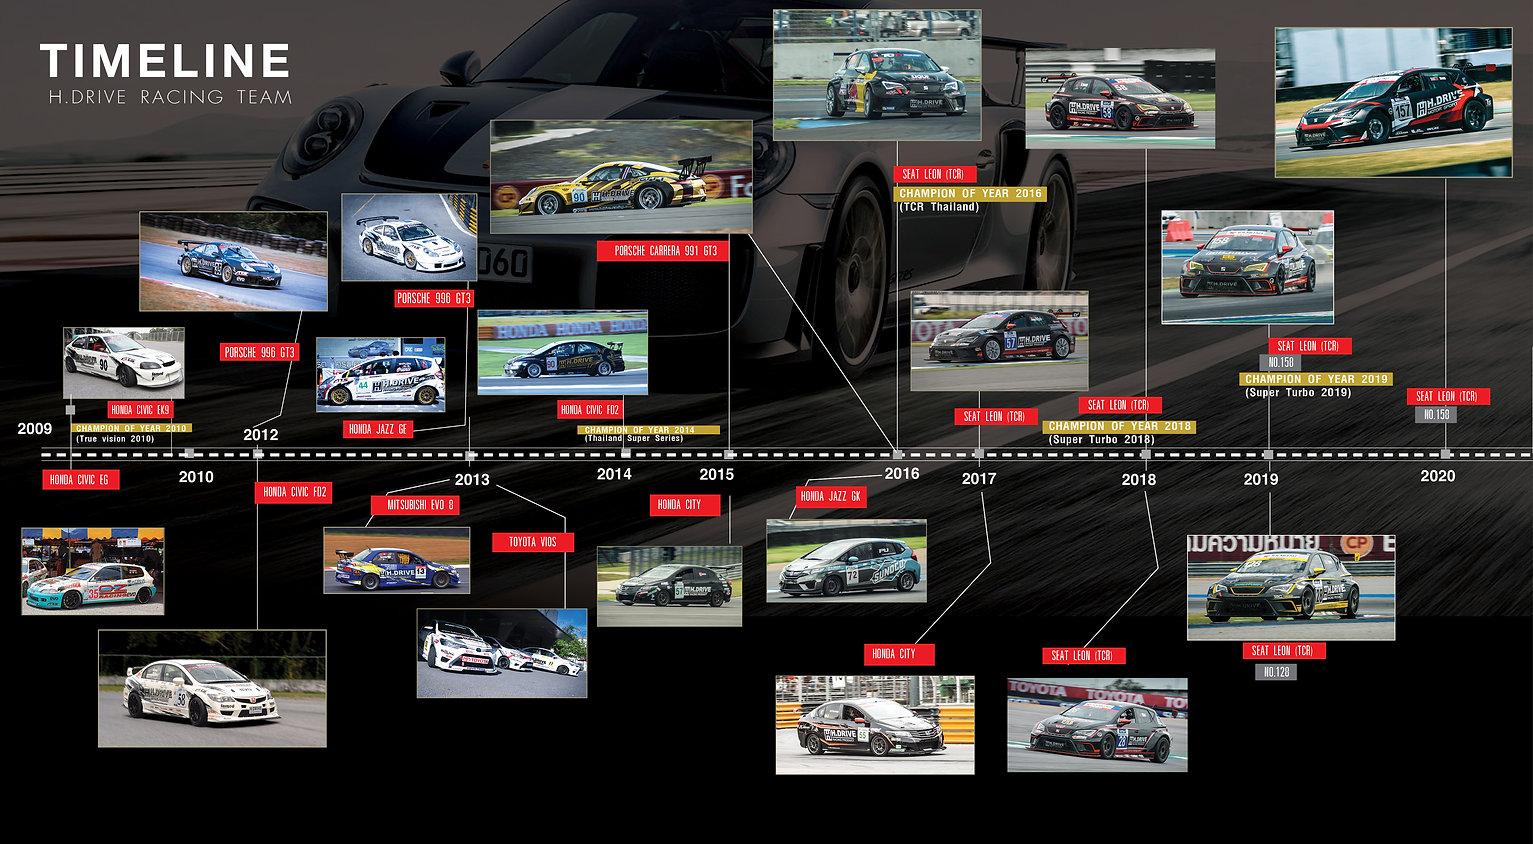 timeline racing team 2020 .jpg